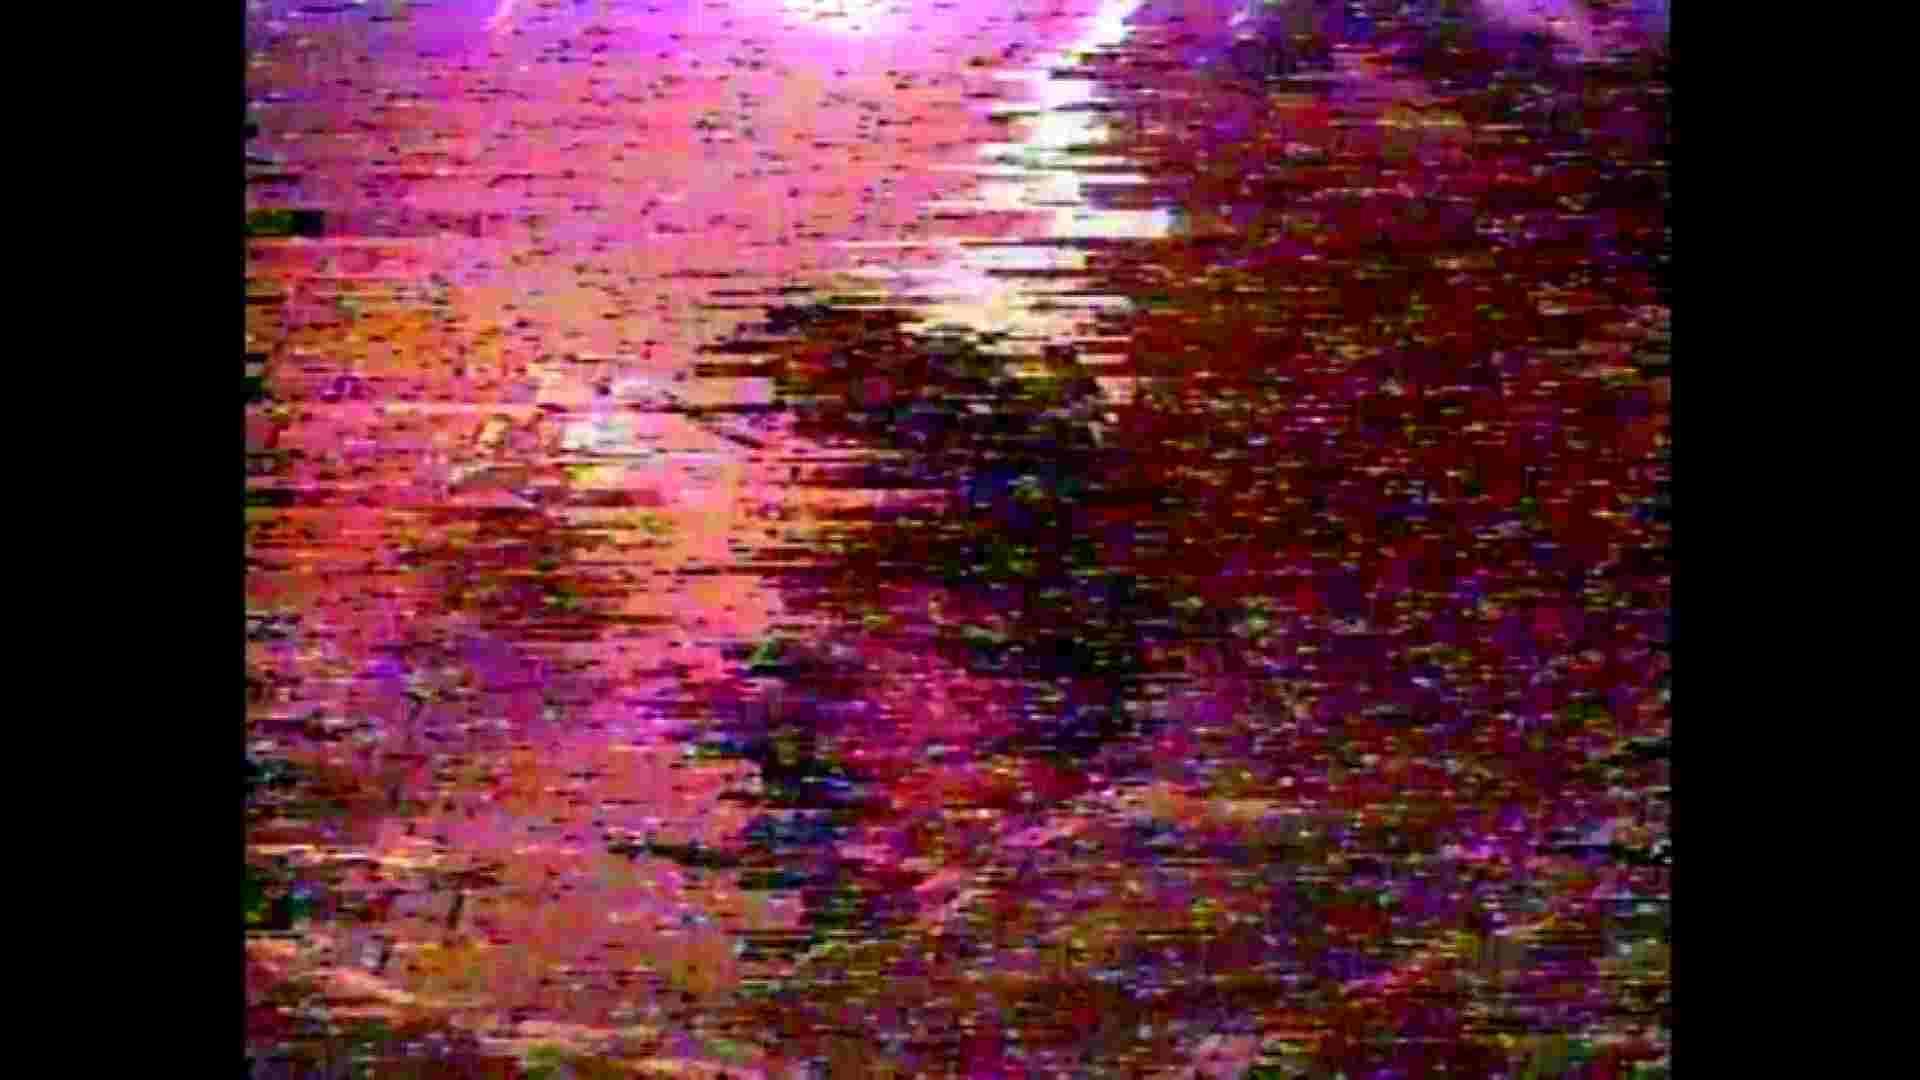 レース場での秘め事 Vol.12 お姉さんのSEX セックス無修正動画無料 98枚 59